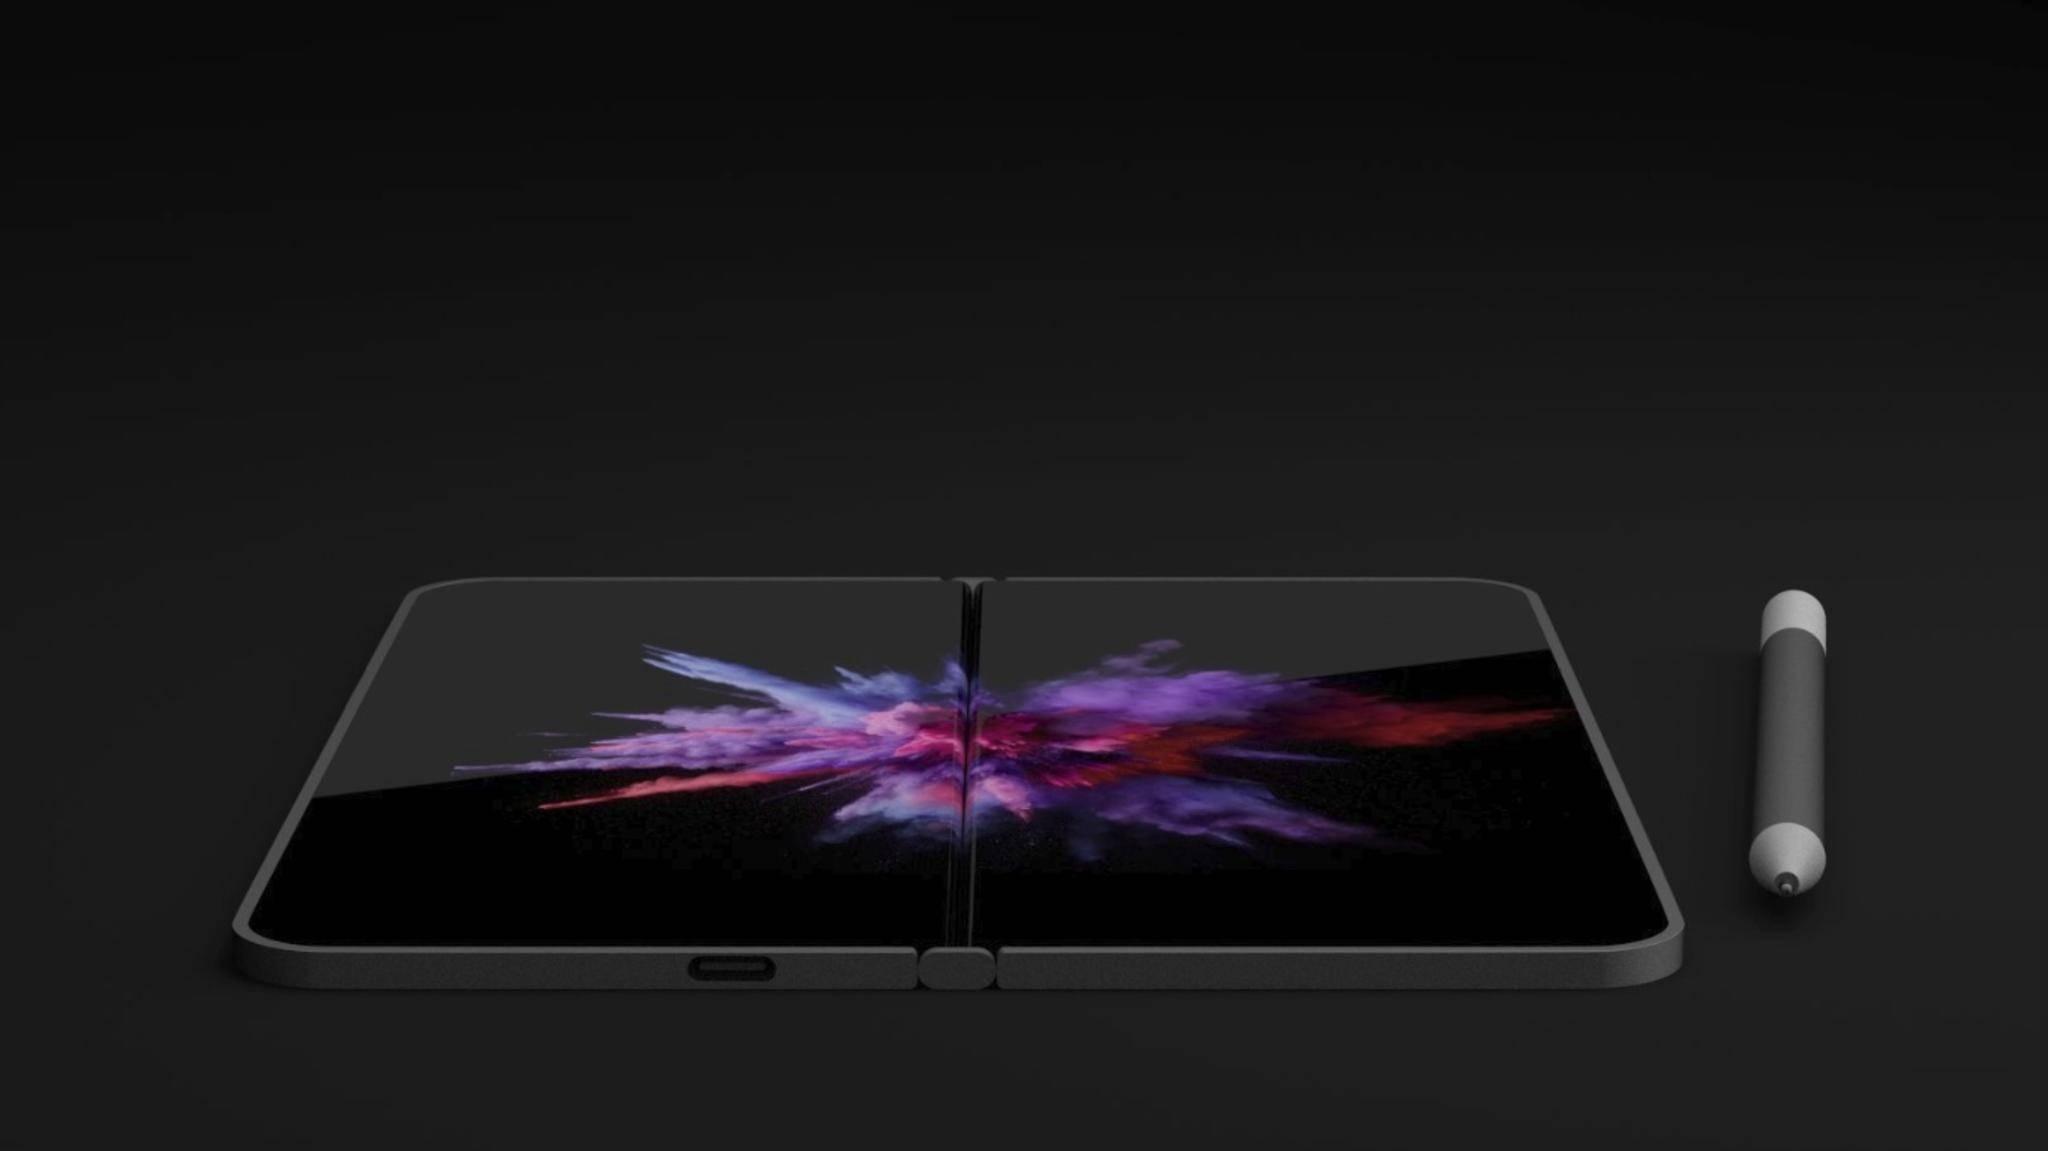 Das Surface Phone könnte die Vorteile mehrerer Geräte in sich vereinen.